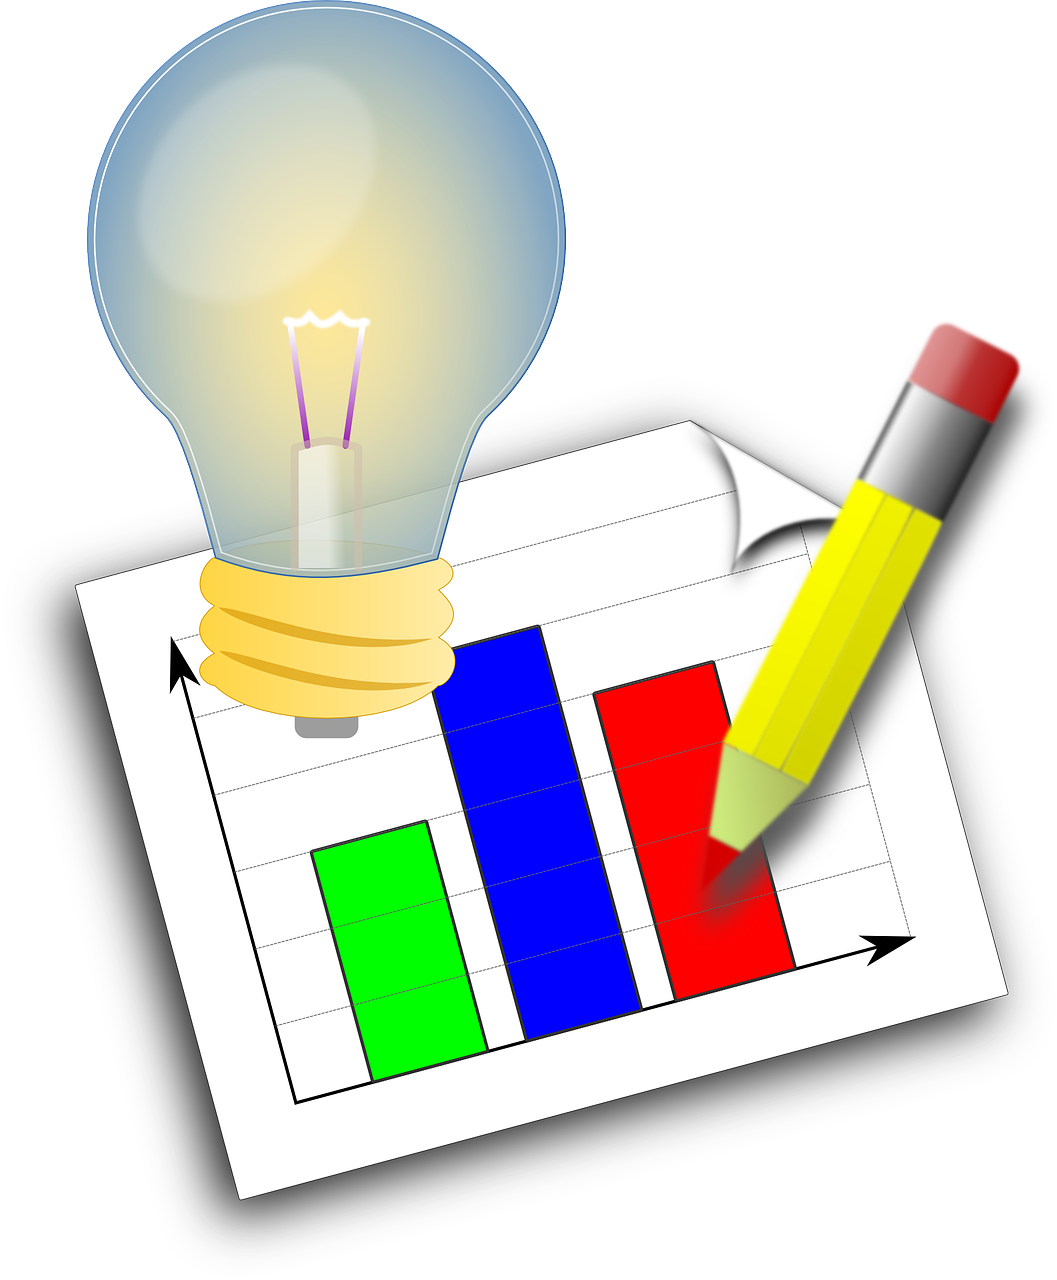 Registrare un Marchio d'Impresa online